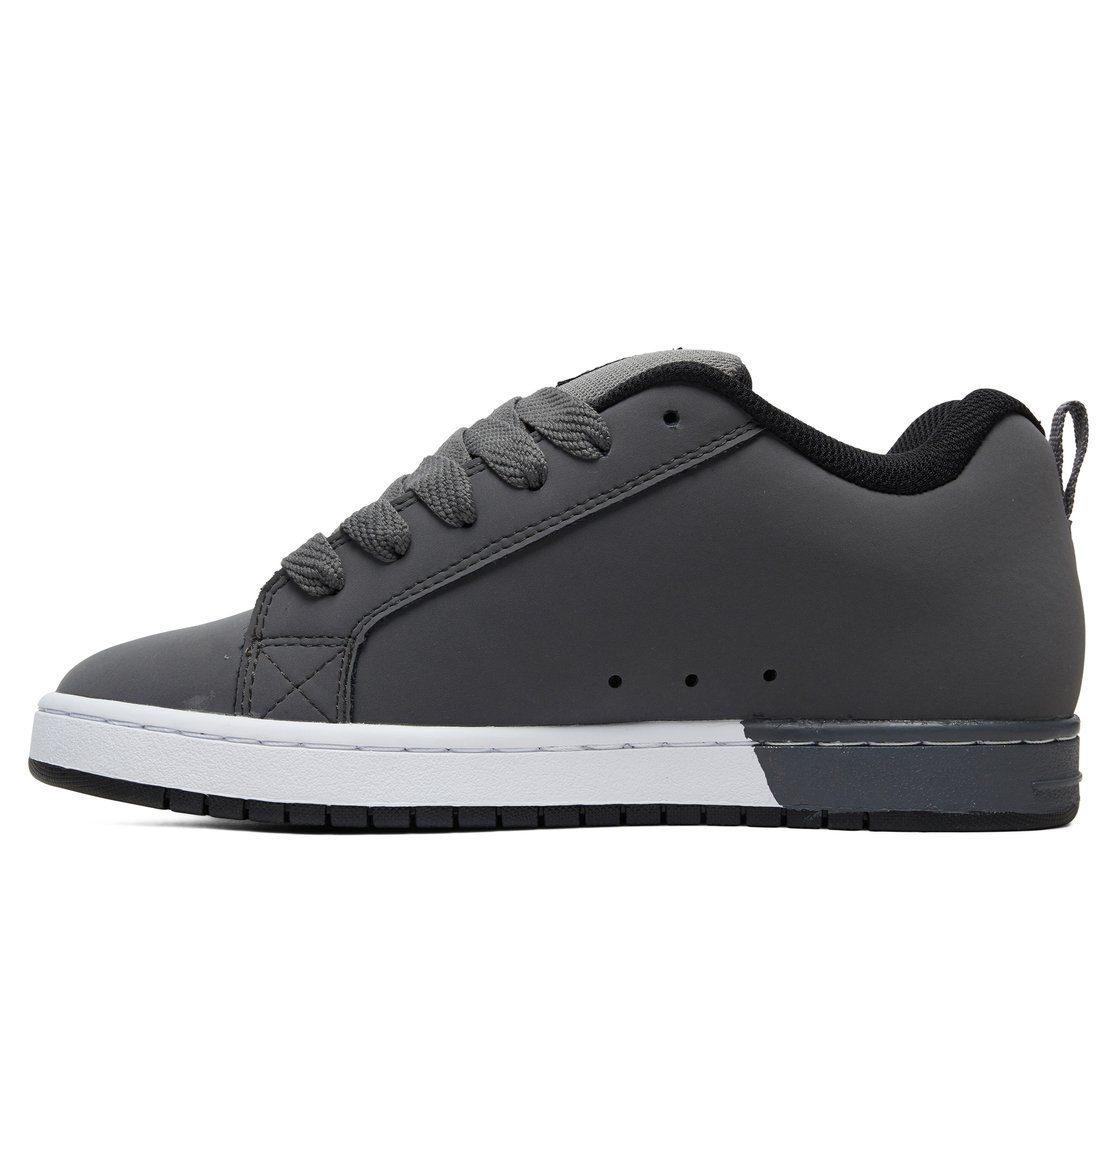 Online nr Graffik Artikel Shoes Slipper black Kaufen Court Dc Black 3503261699 white wqIa4x